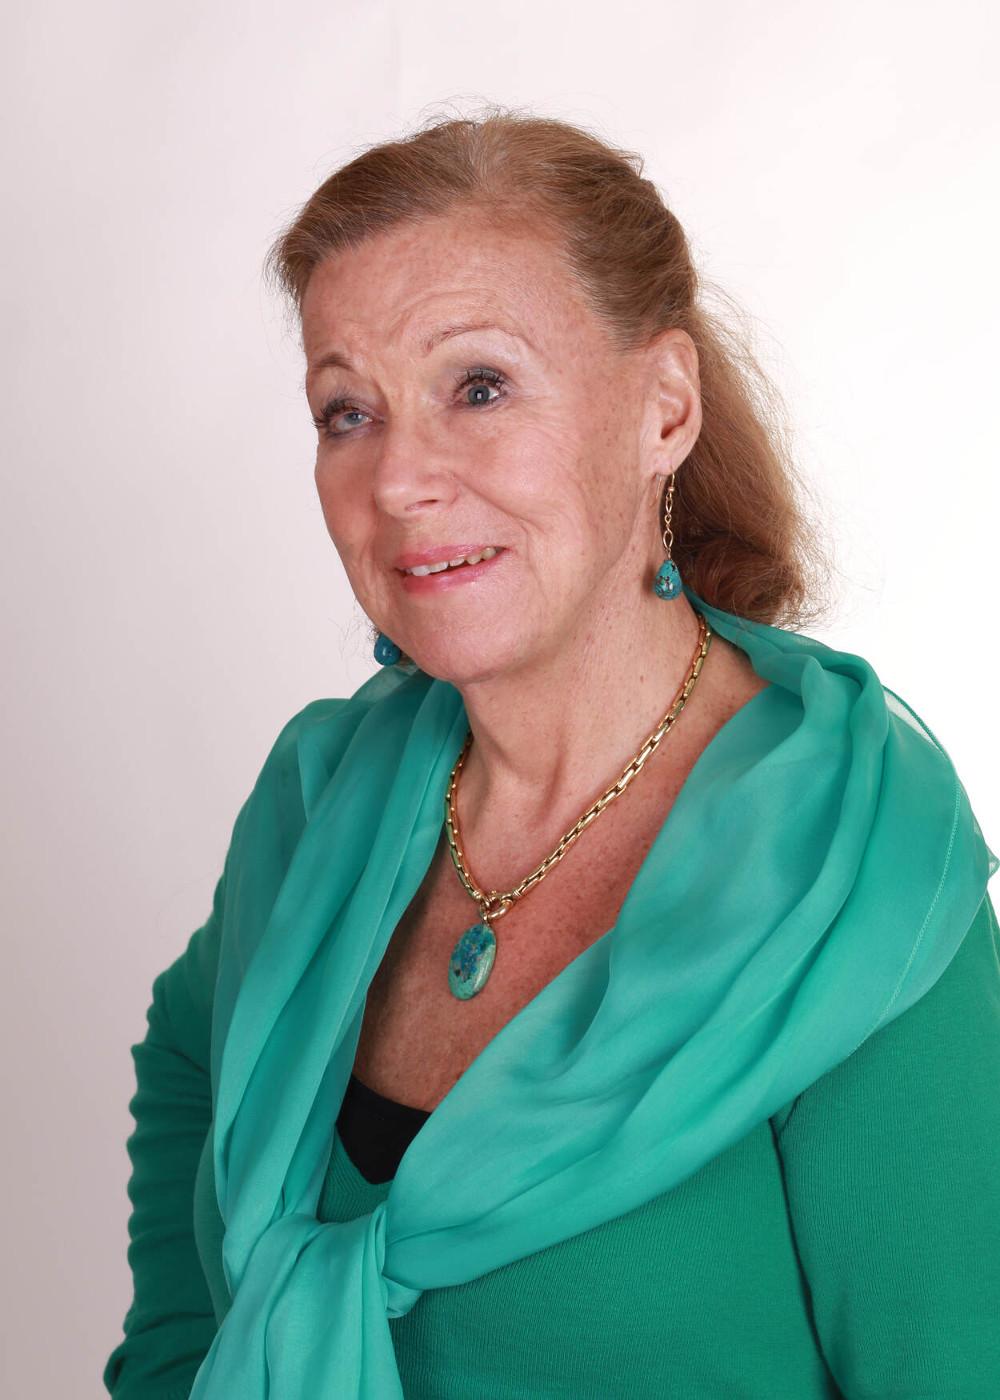 Η πριγκίπισσα Χριστίνα της Ολλανδίας